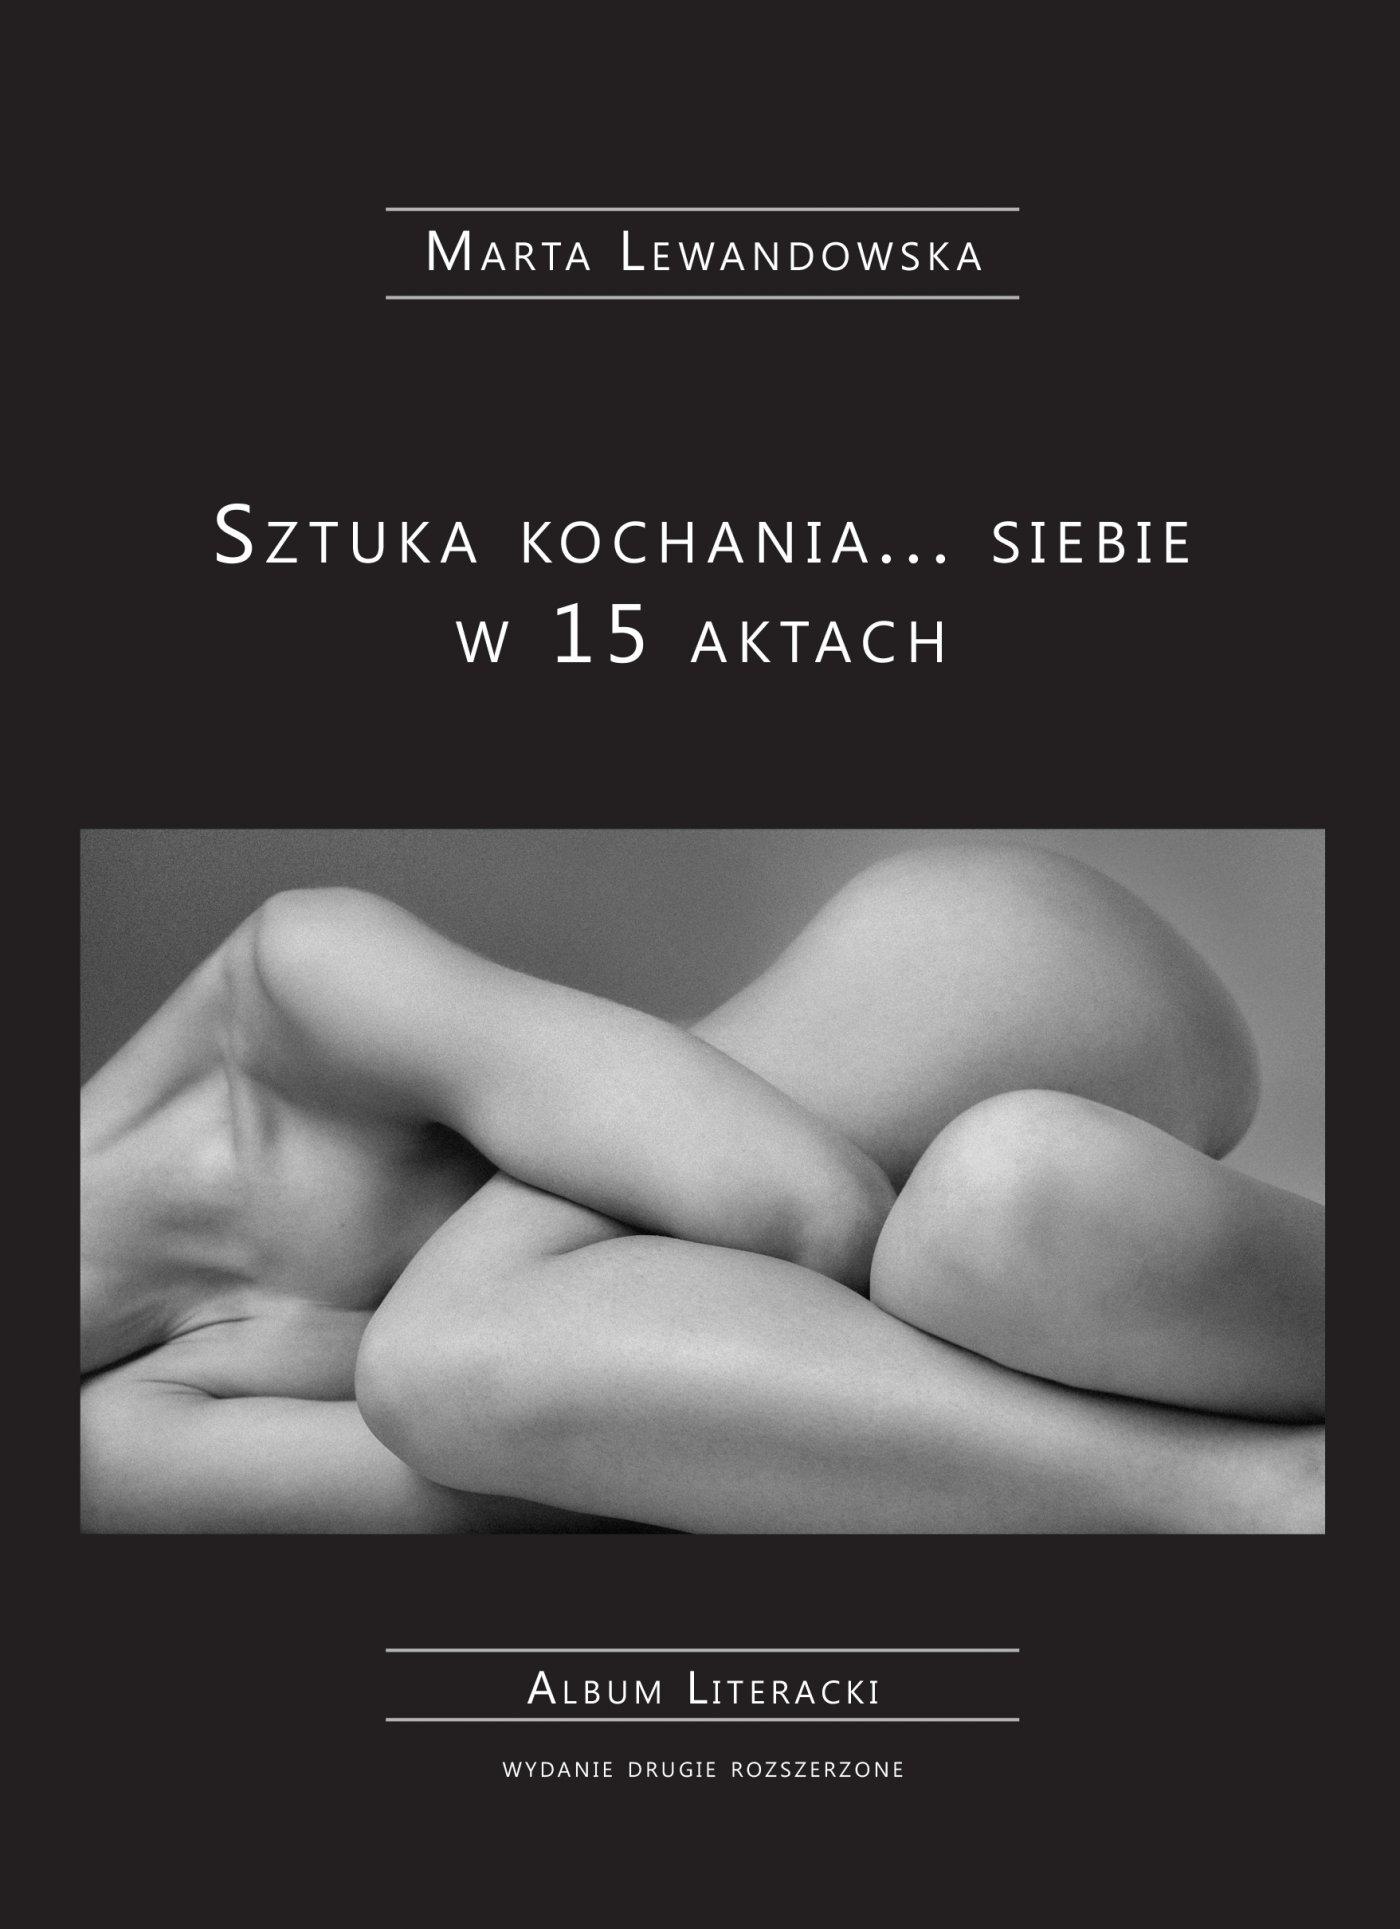 Sztuka kochania... siebie w 15 aktach - Ebook (Książka EPUB) do pobrania w formacie EPUB